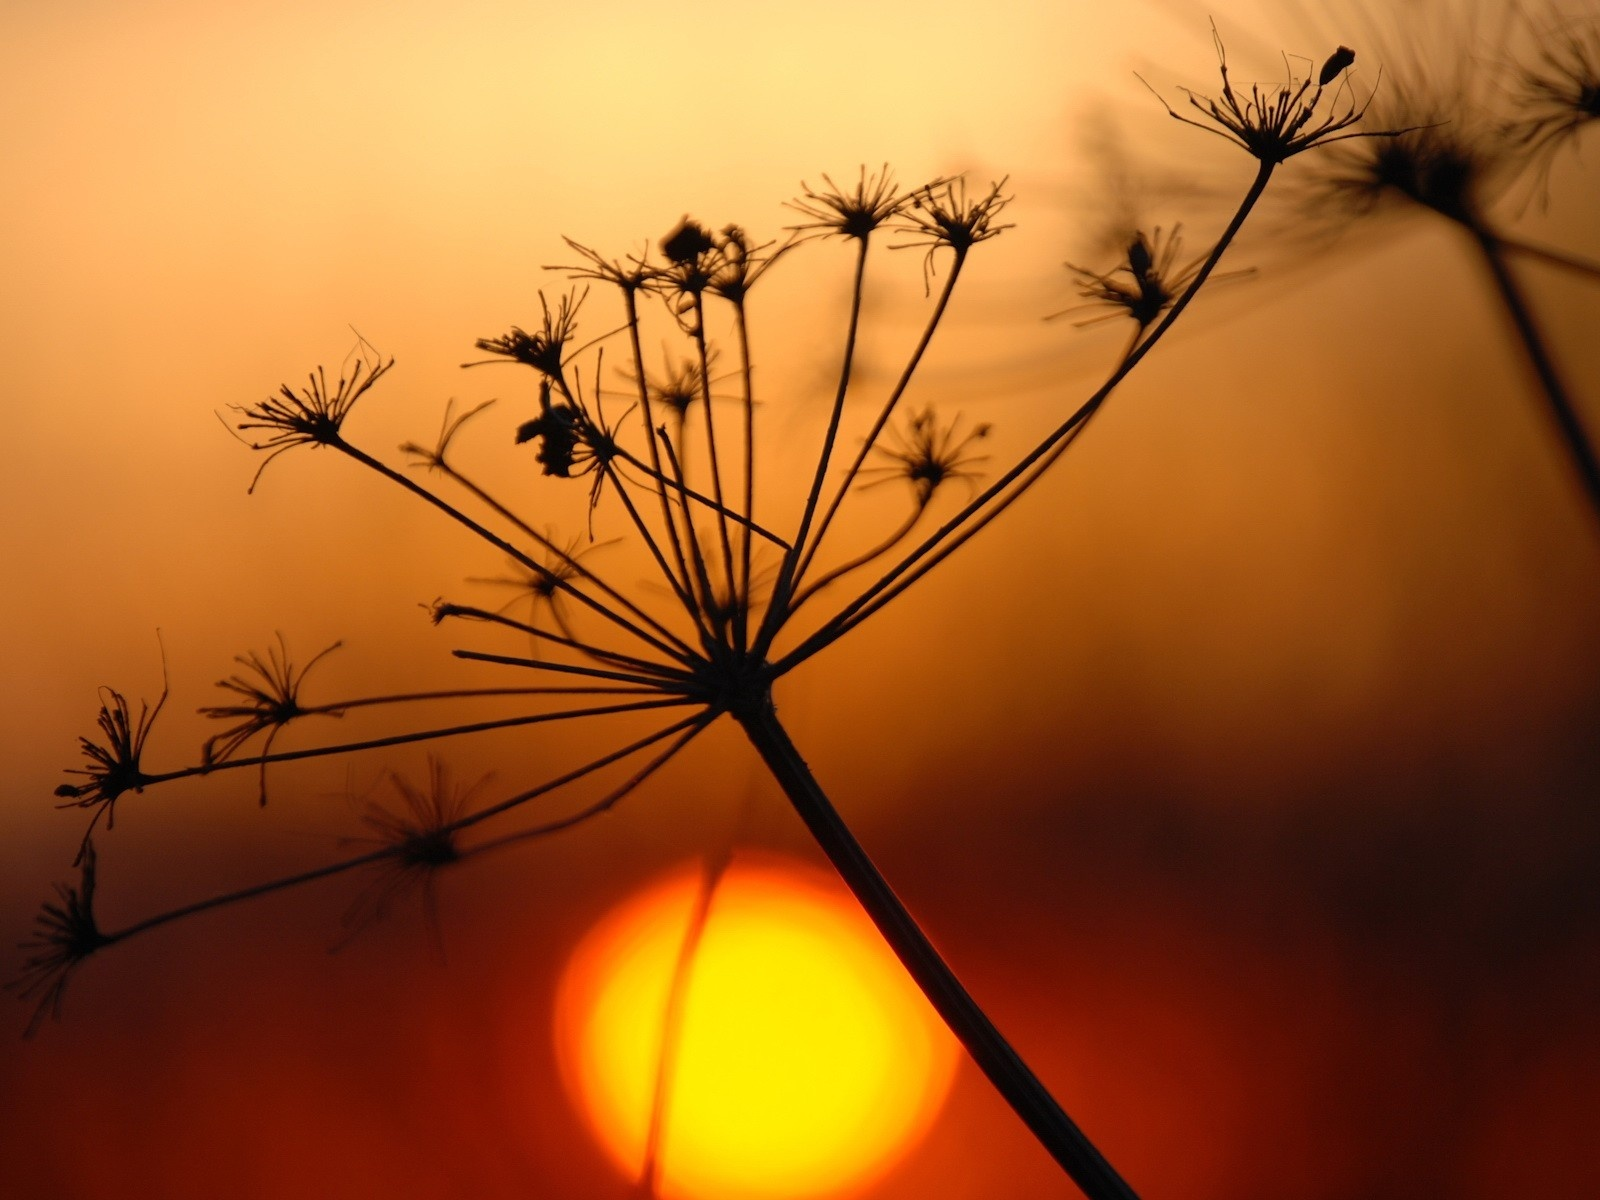 18007 скачать обои Растения, Пейзаж, Закат - заставки и картинки бесплатно